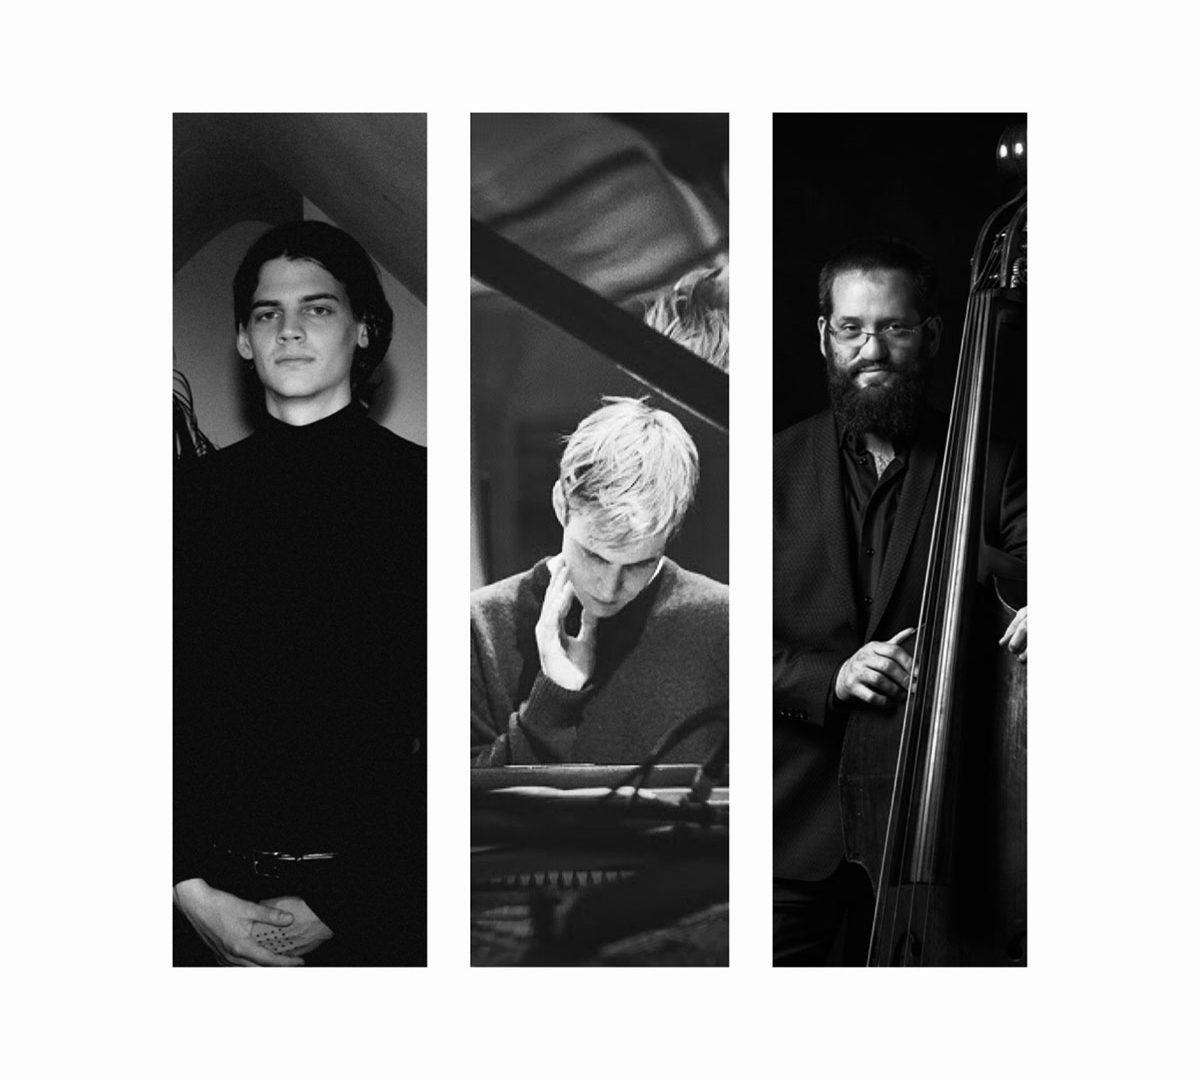 Elias Stemeseder, Robert Landfermann, Leif Berger, livestream, LOFT, Cologne, Köln, jazzstadt, jazzstadt köln, Stefan deistler